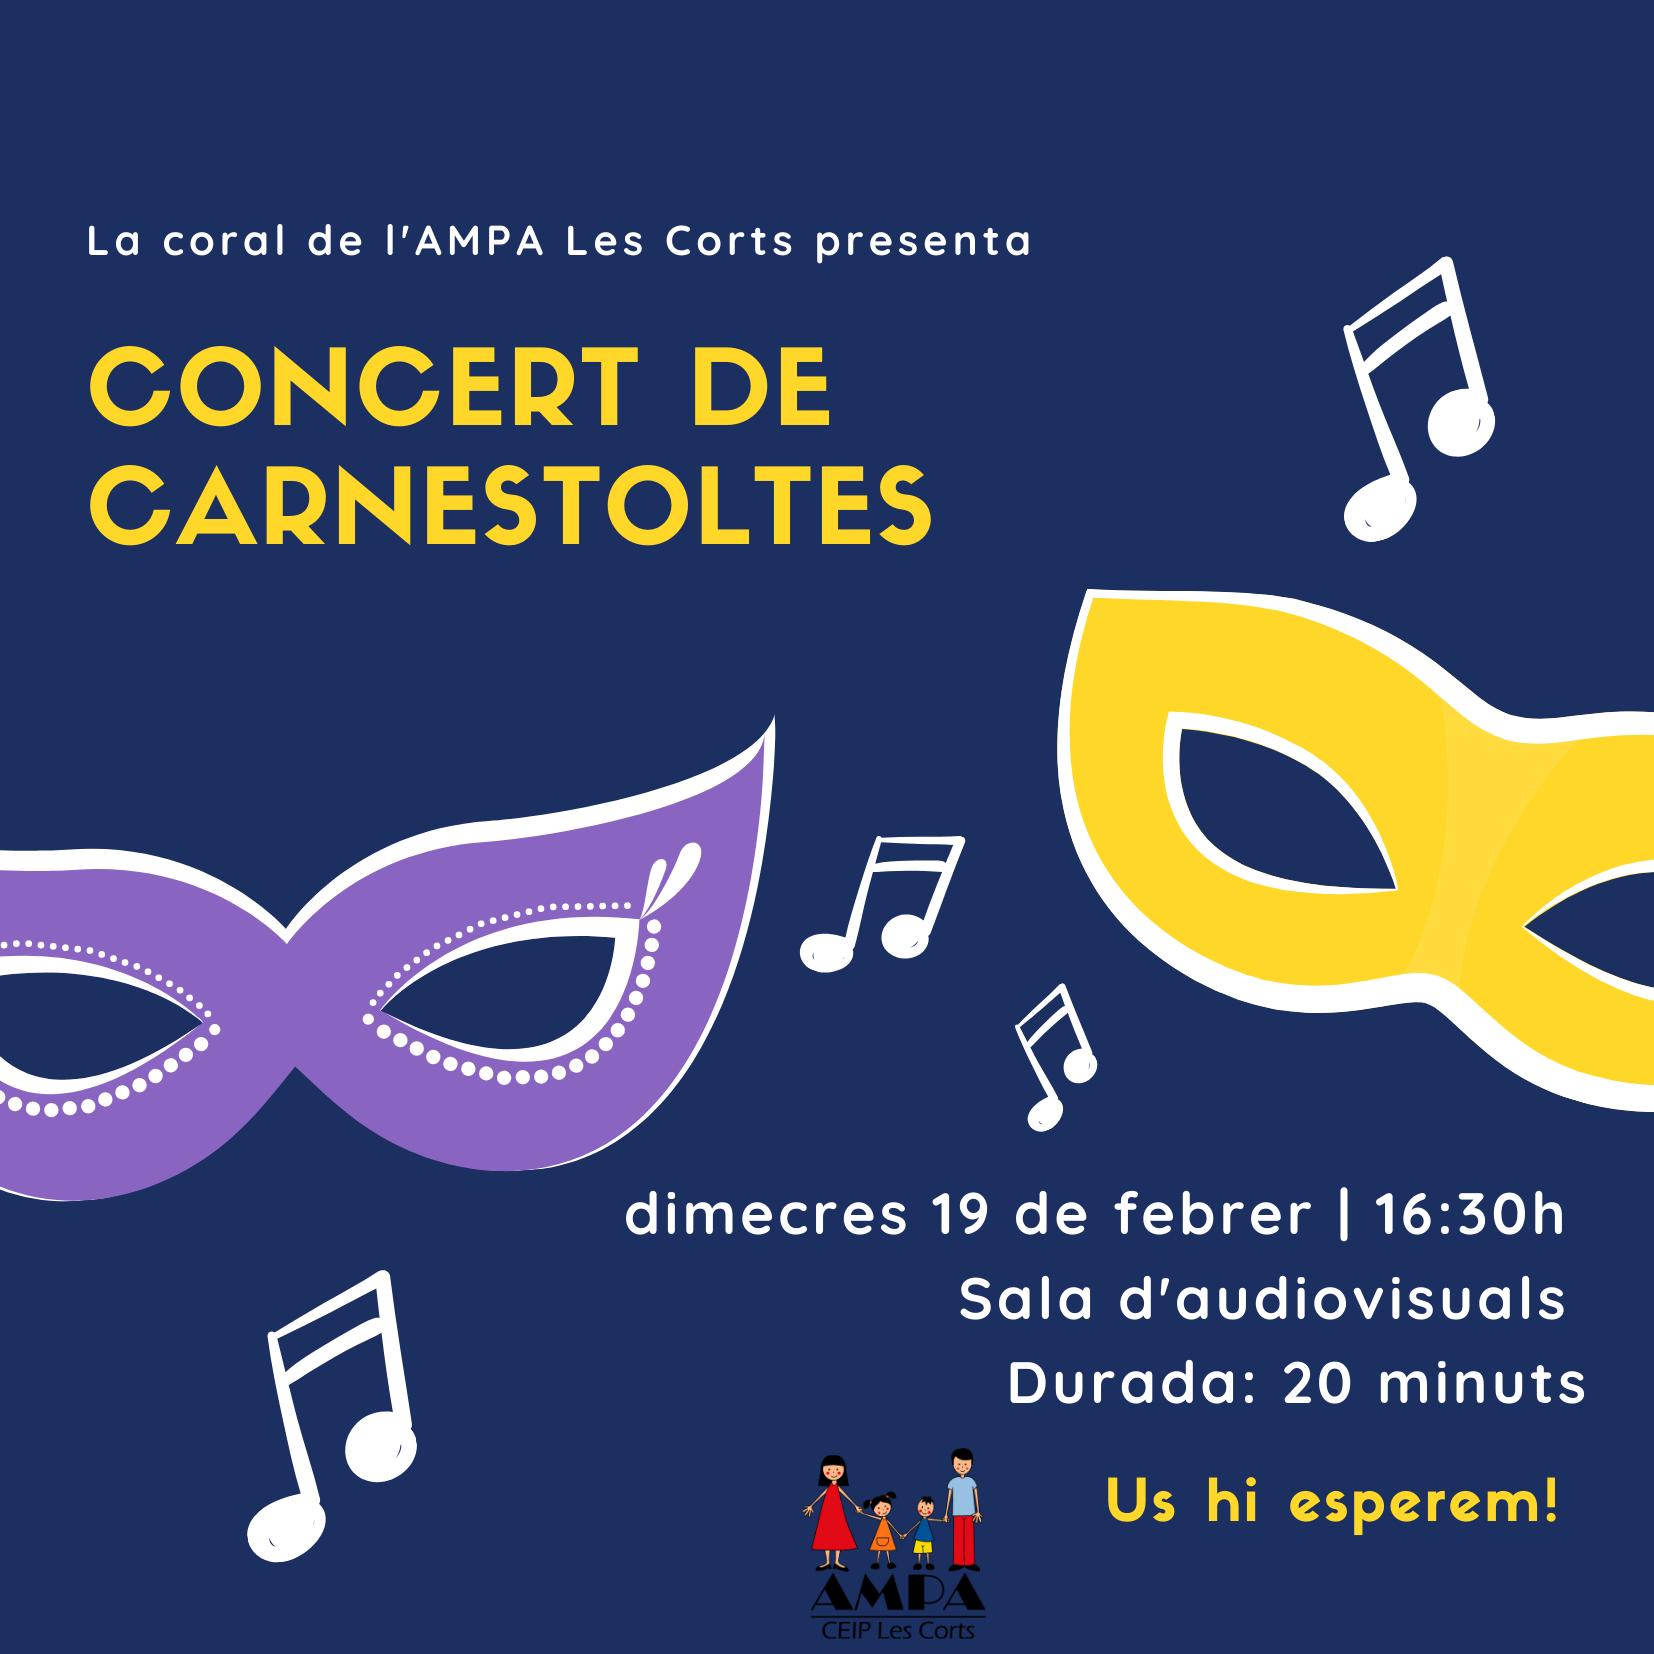 Concert de Carnestoltes